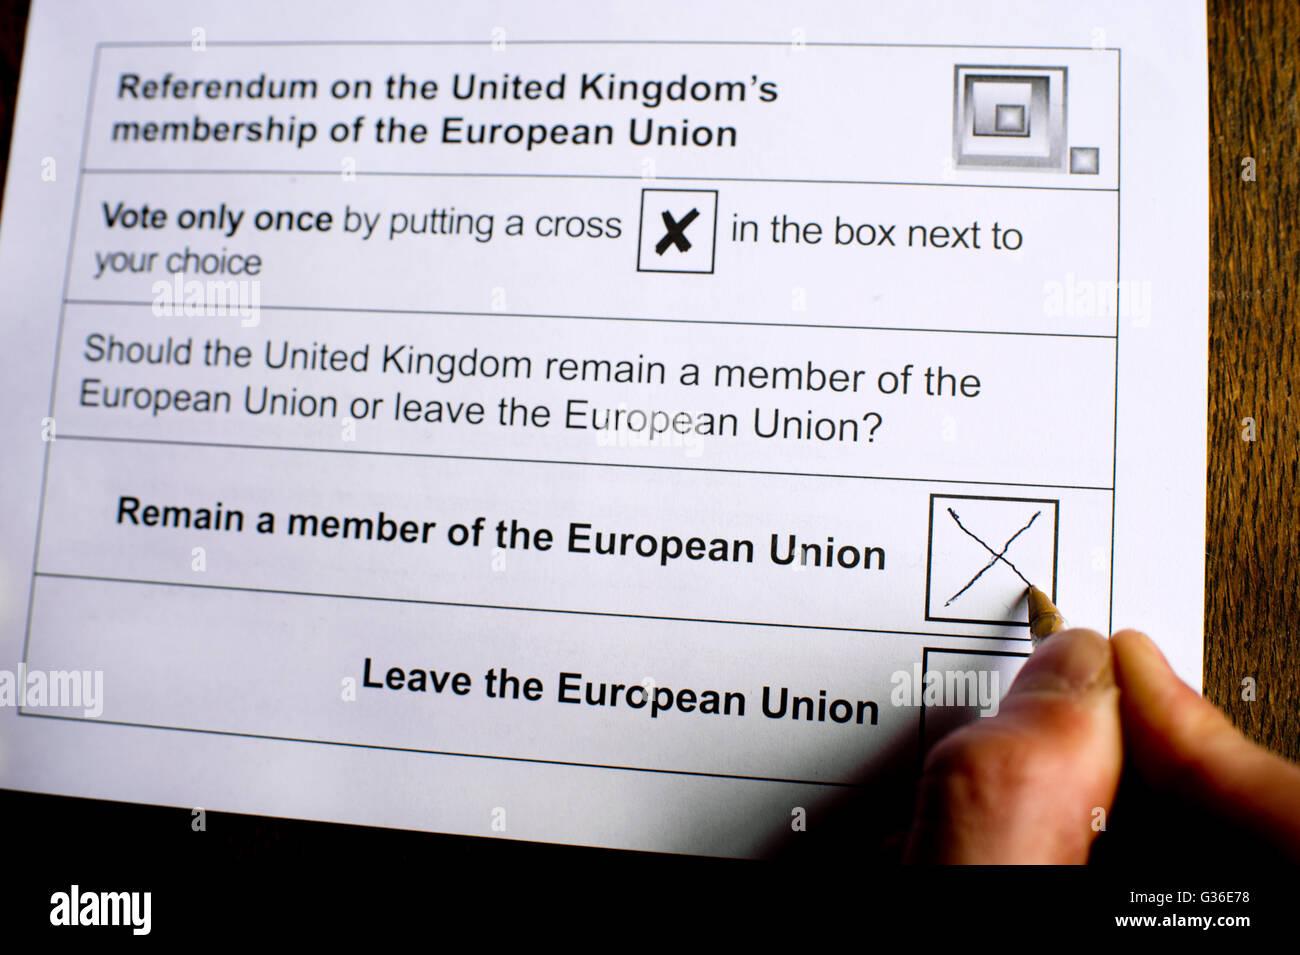 Référendum sur l'adhésion de la Communauté européenne. Jeune personne complétant Photo Stock